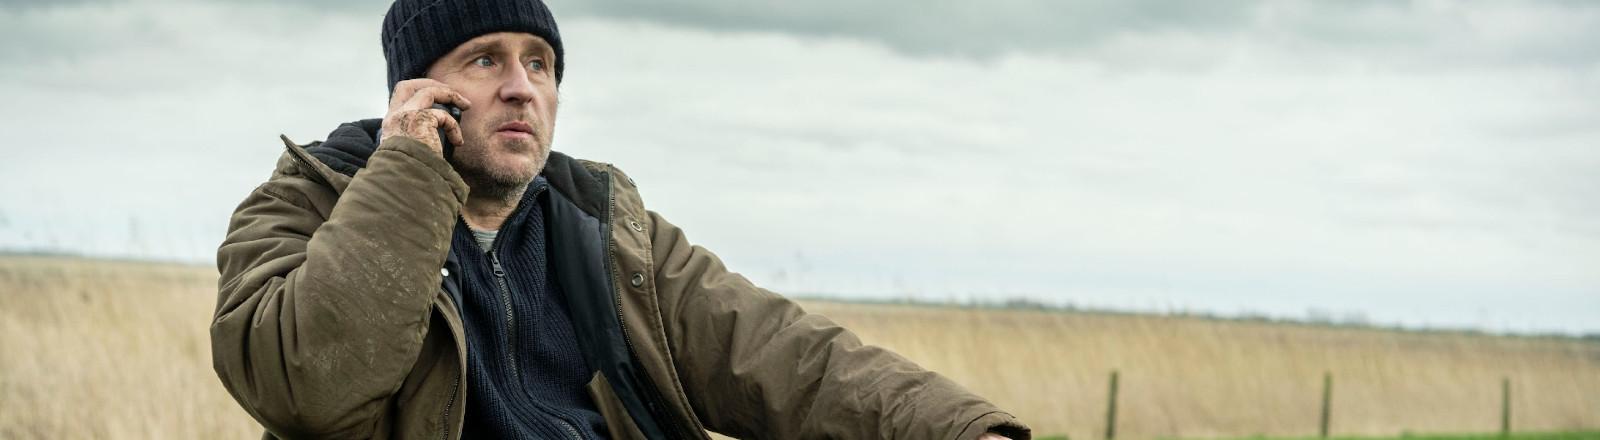 """Bjarne Mädel führt Regie und spielt die Hauptrolle in dem Thriller """"Sörensen hat Angst""""."""